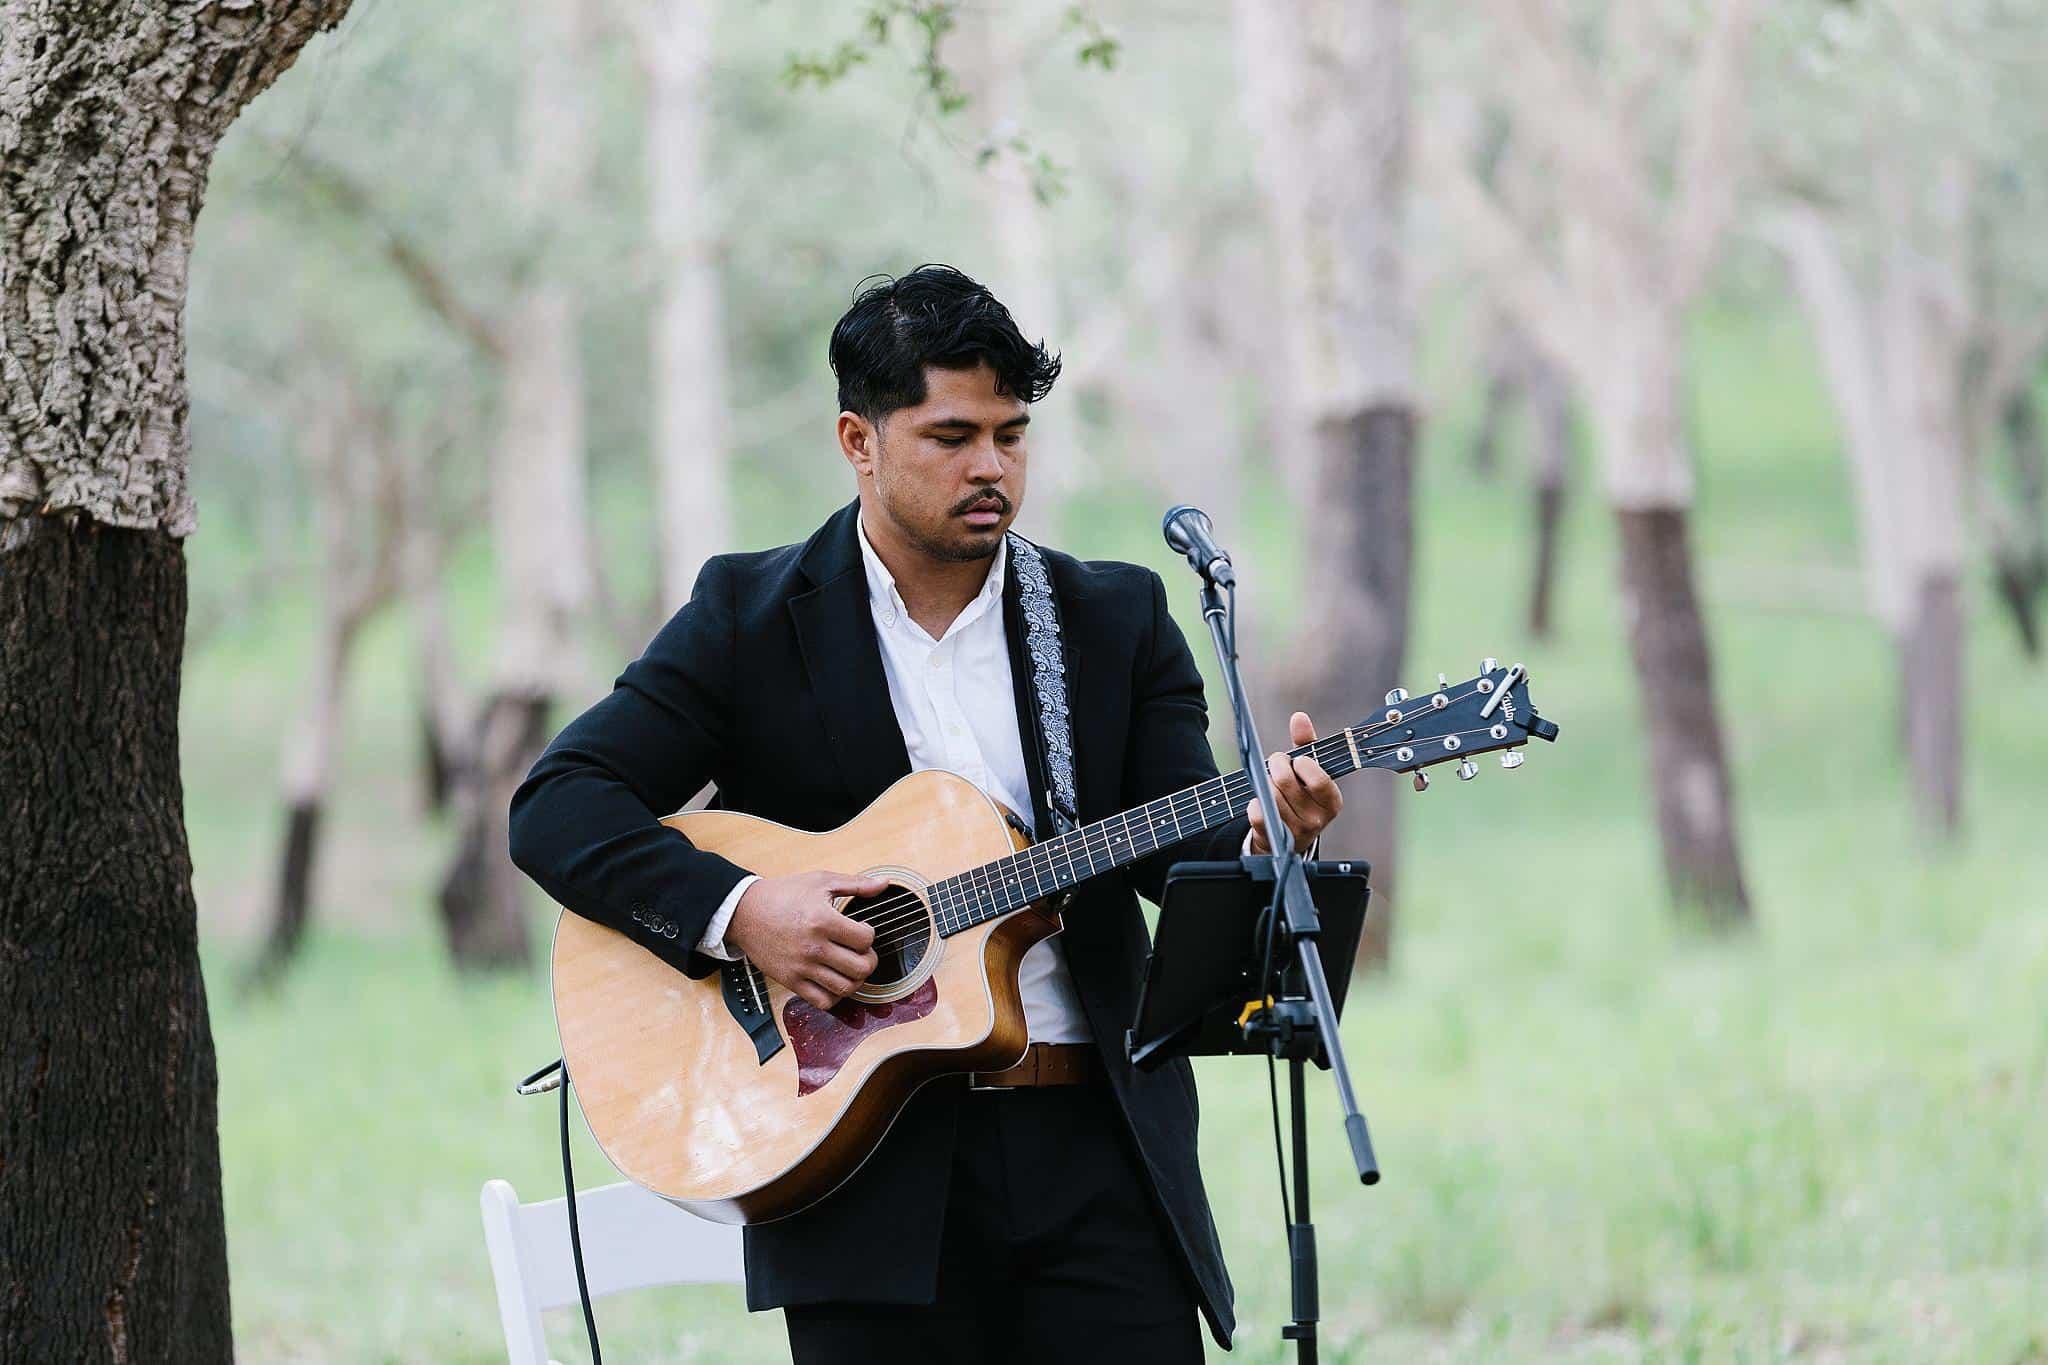 man plays guitar at wedding